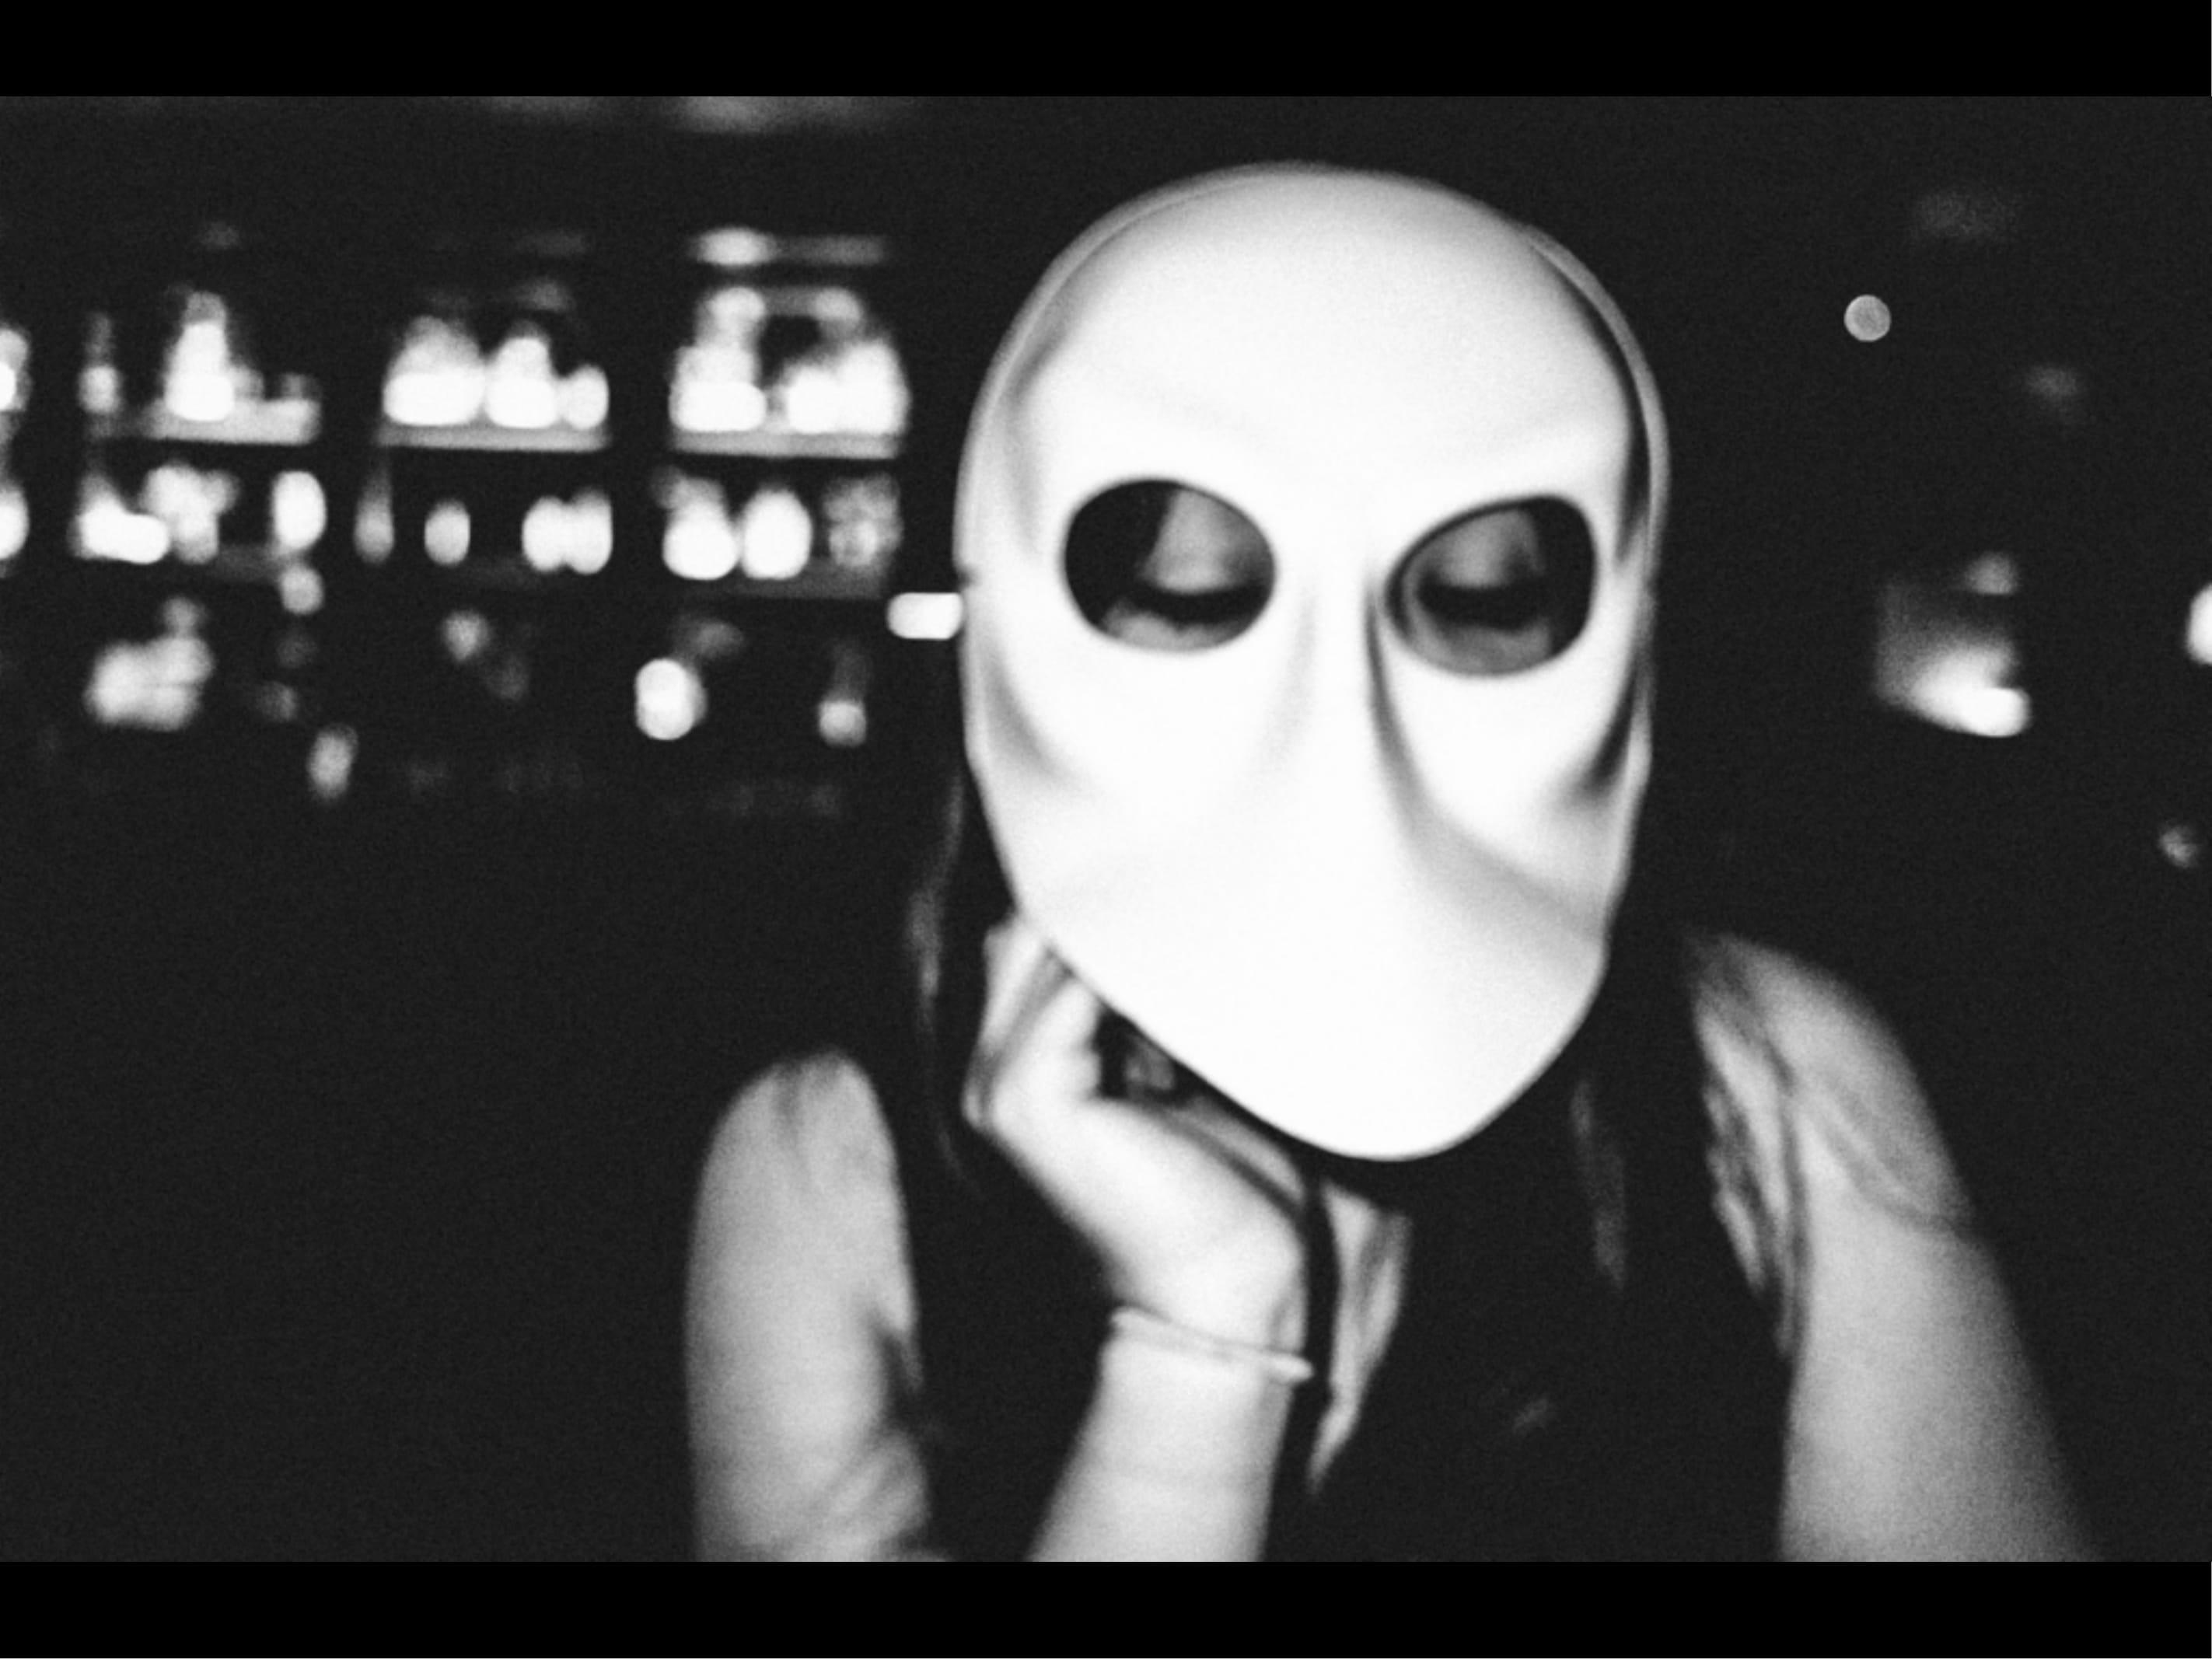 Cindy mask. Nyc, 2015